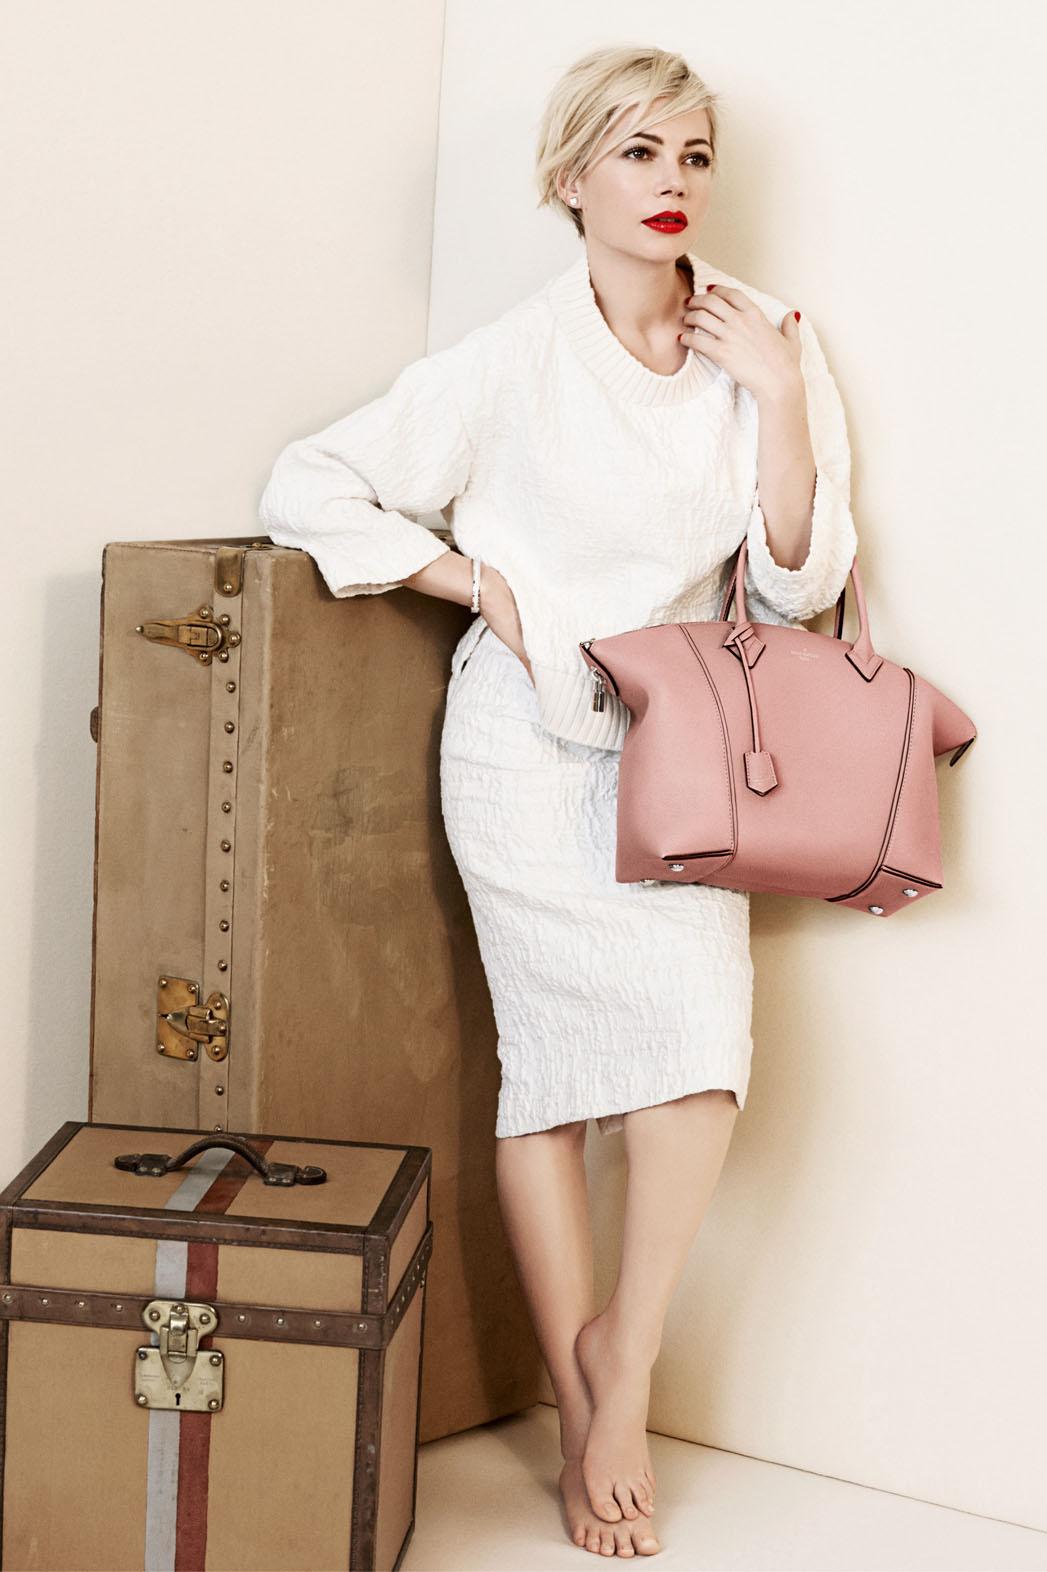 Michelle Williams Louis Vuitton Ad Campaign - P 2014